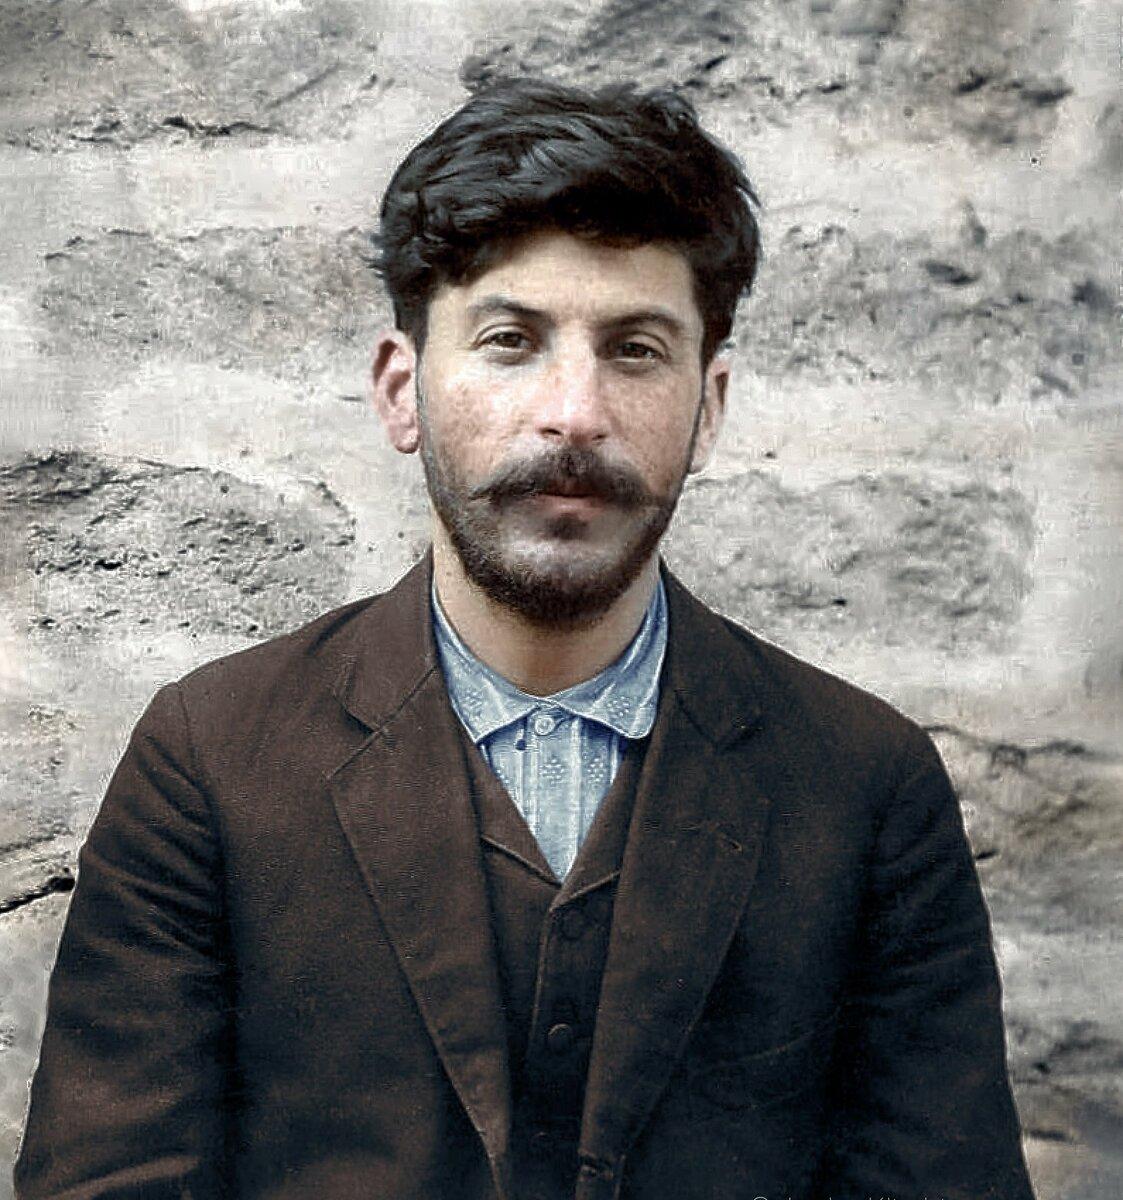 Портрет молодого И.В.Джугашвили. (Сталина). Фото сделано до революции, но я его тоже решил добавить в галерею.